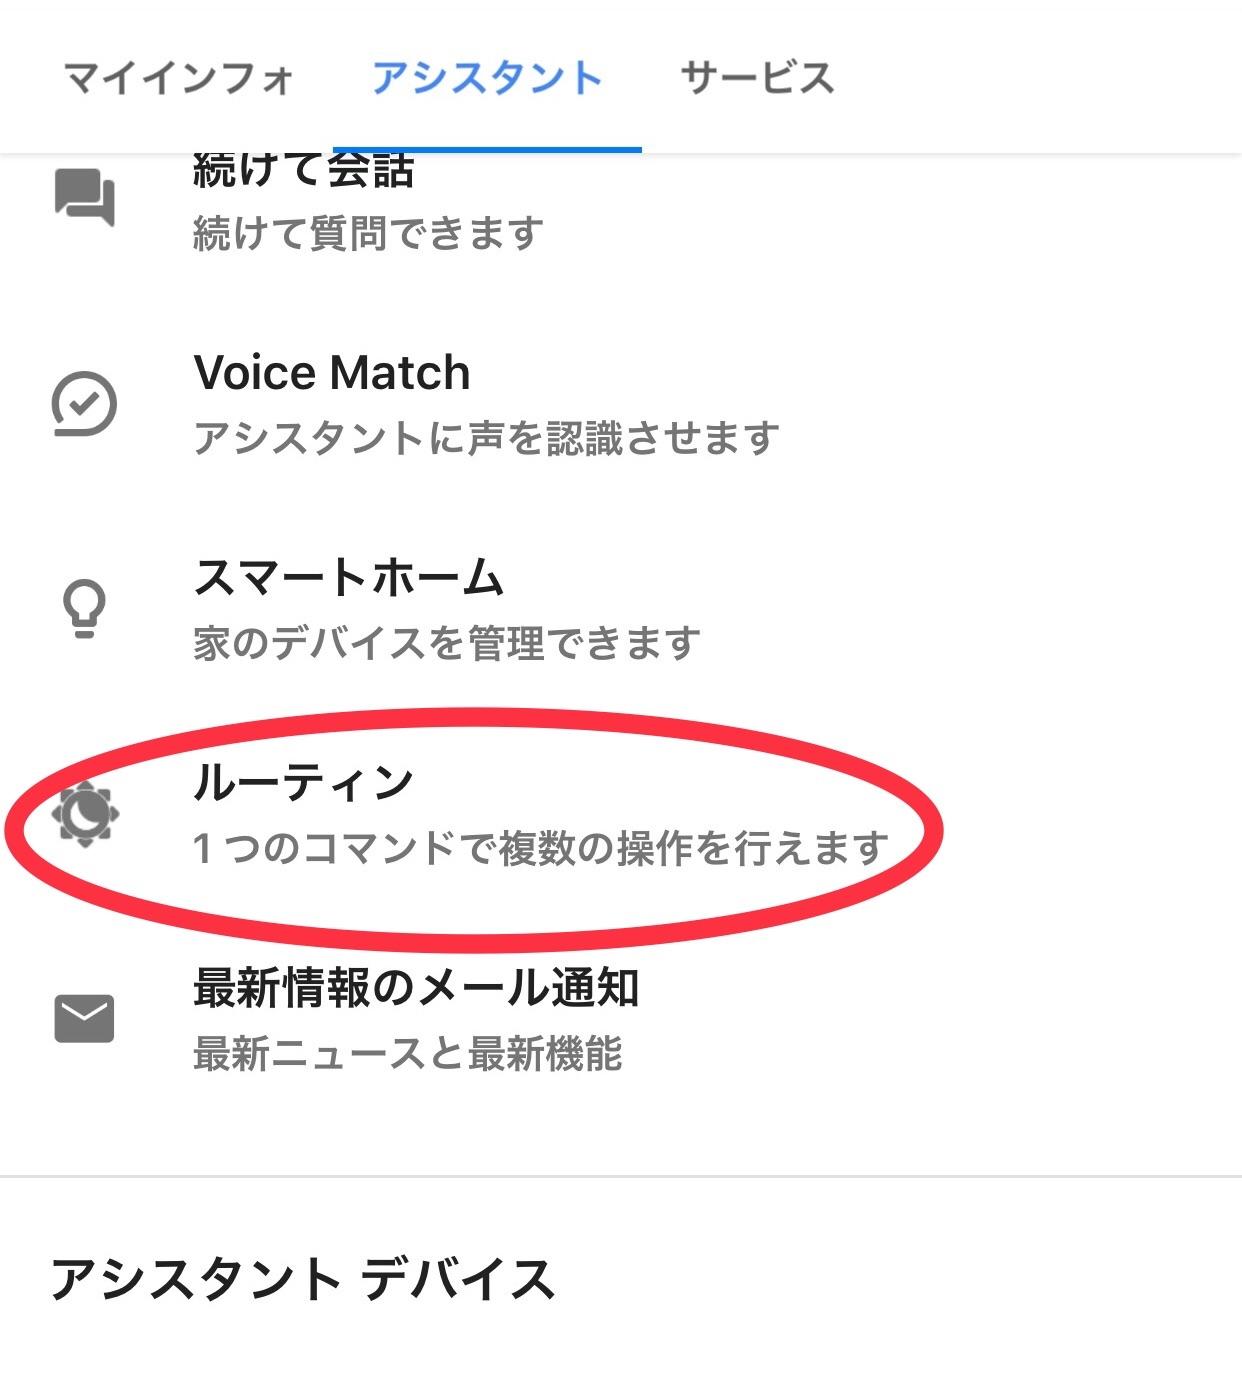 f:id:sorashima:20190627211602j:image:w311